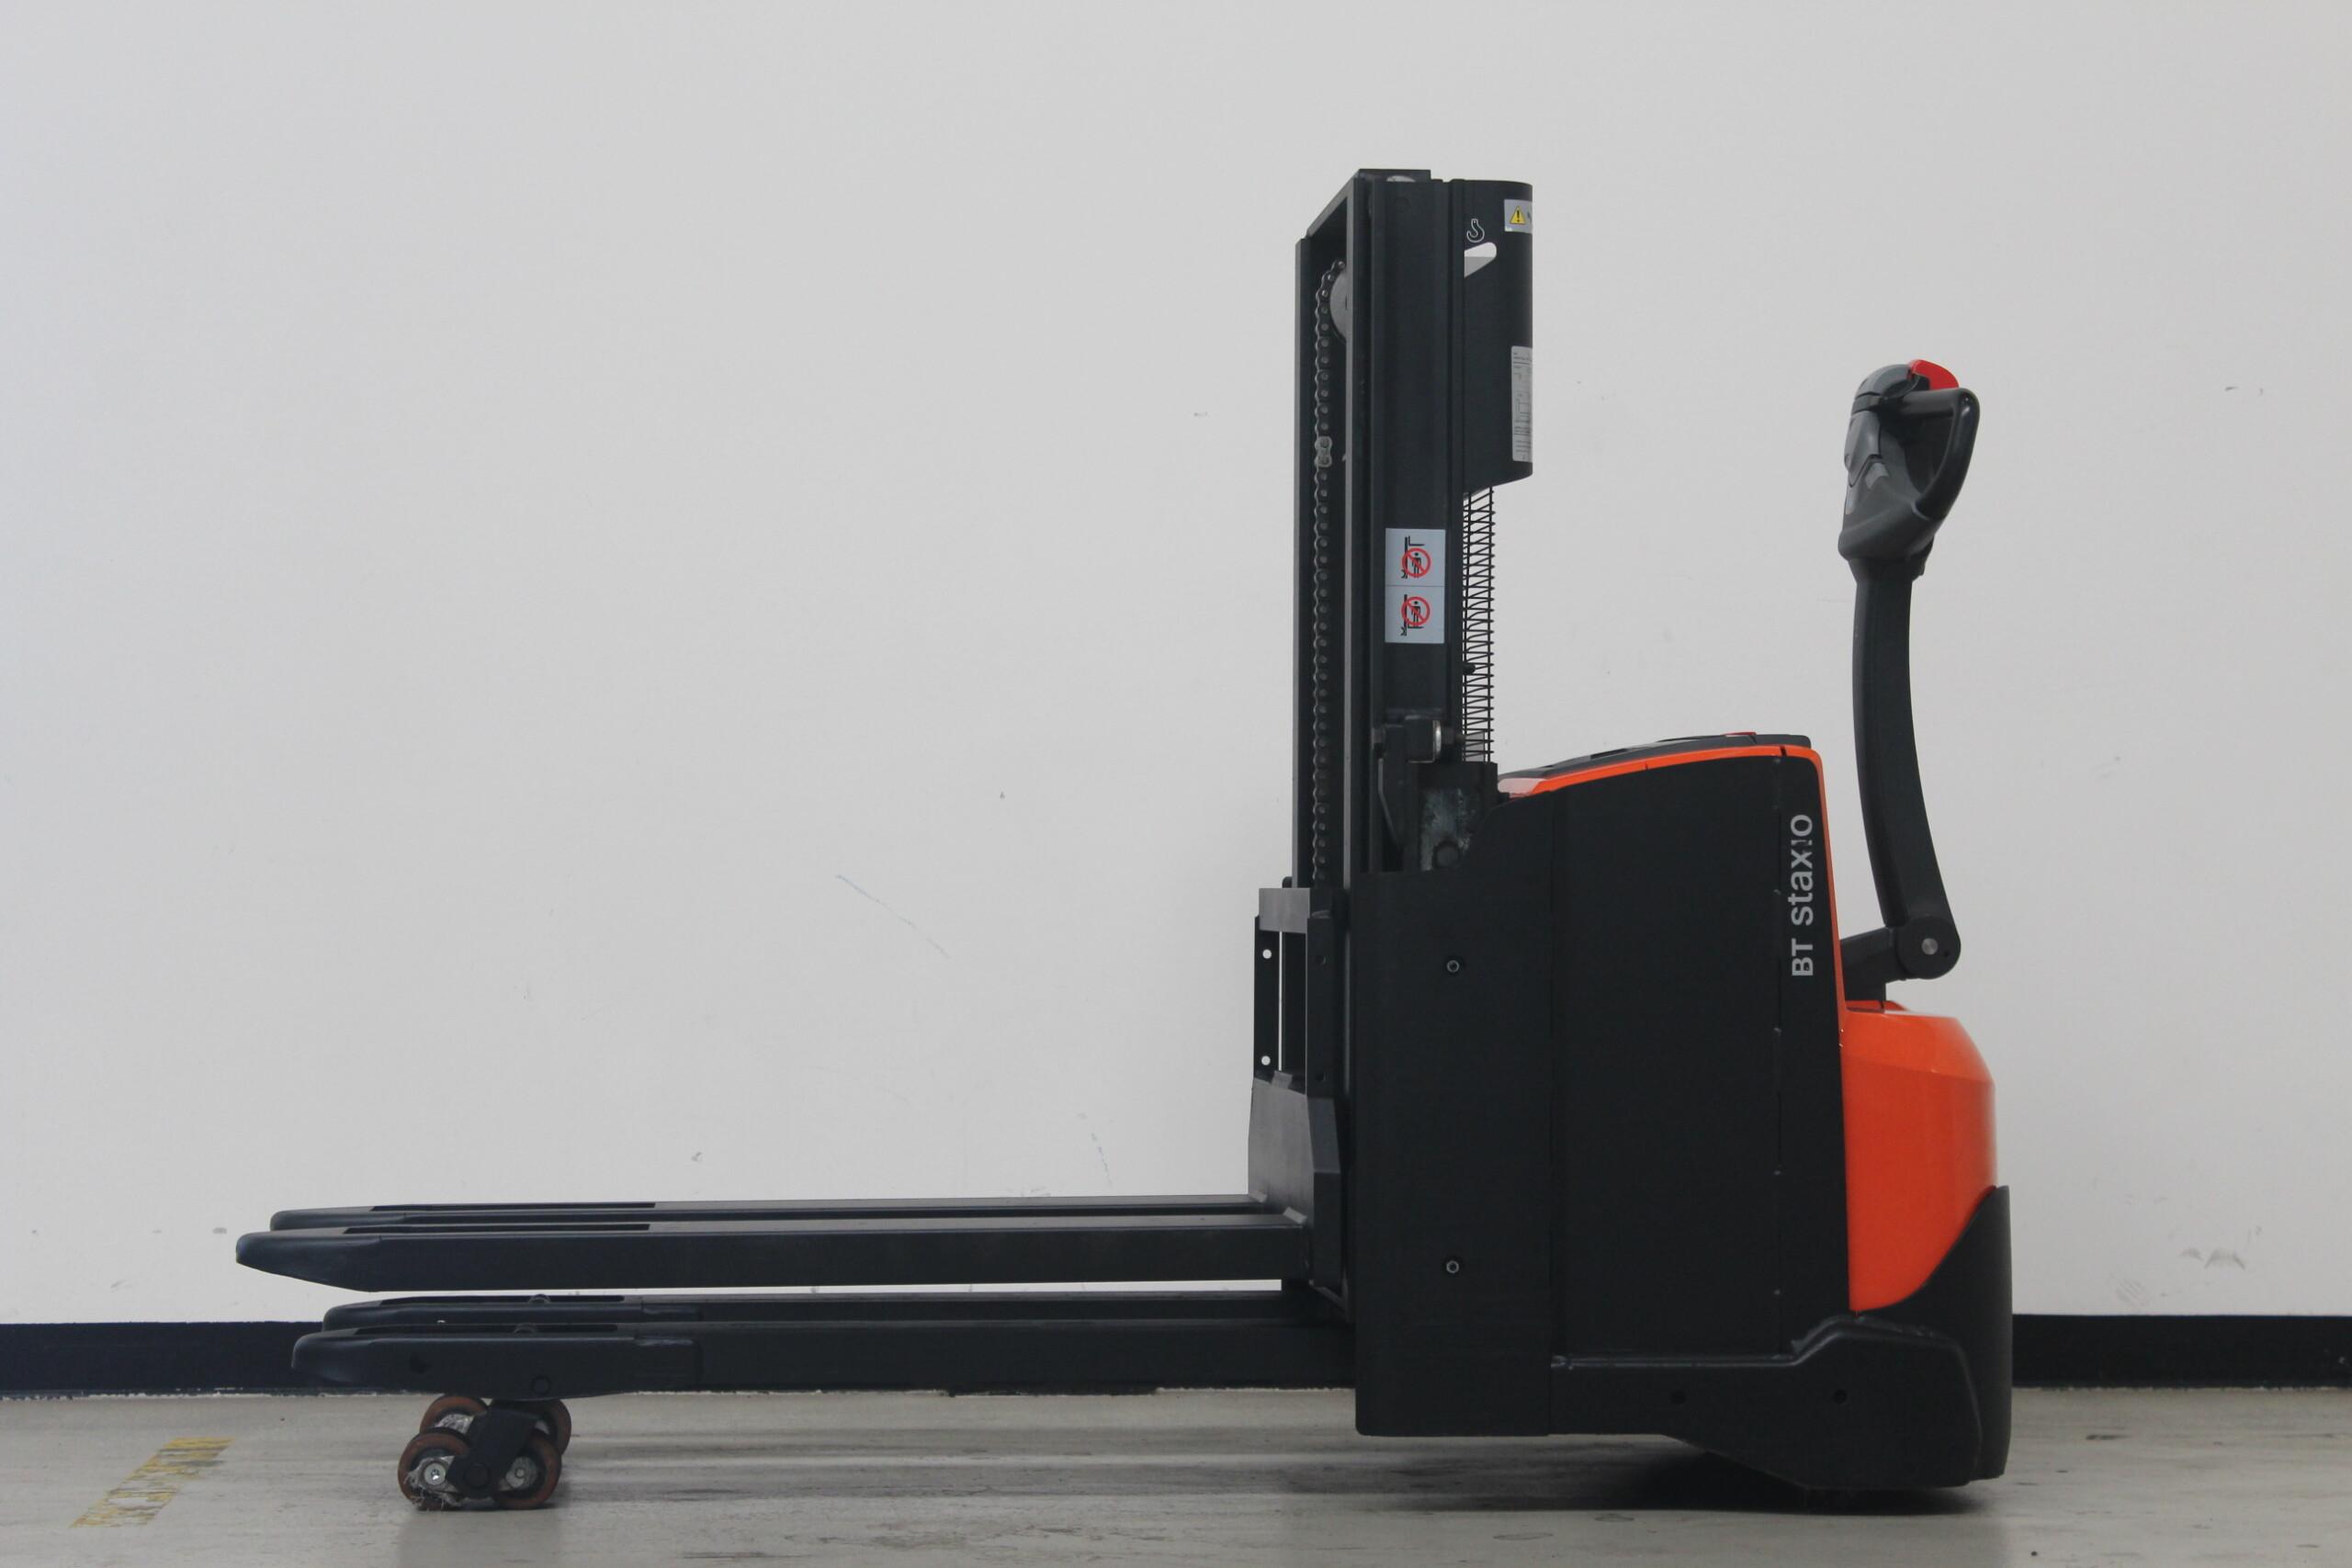 Toyota-Gabelstapler-59840 1610083805 1 27 scaled